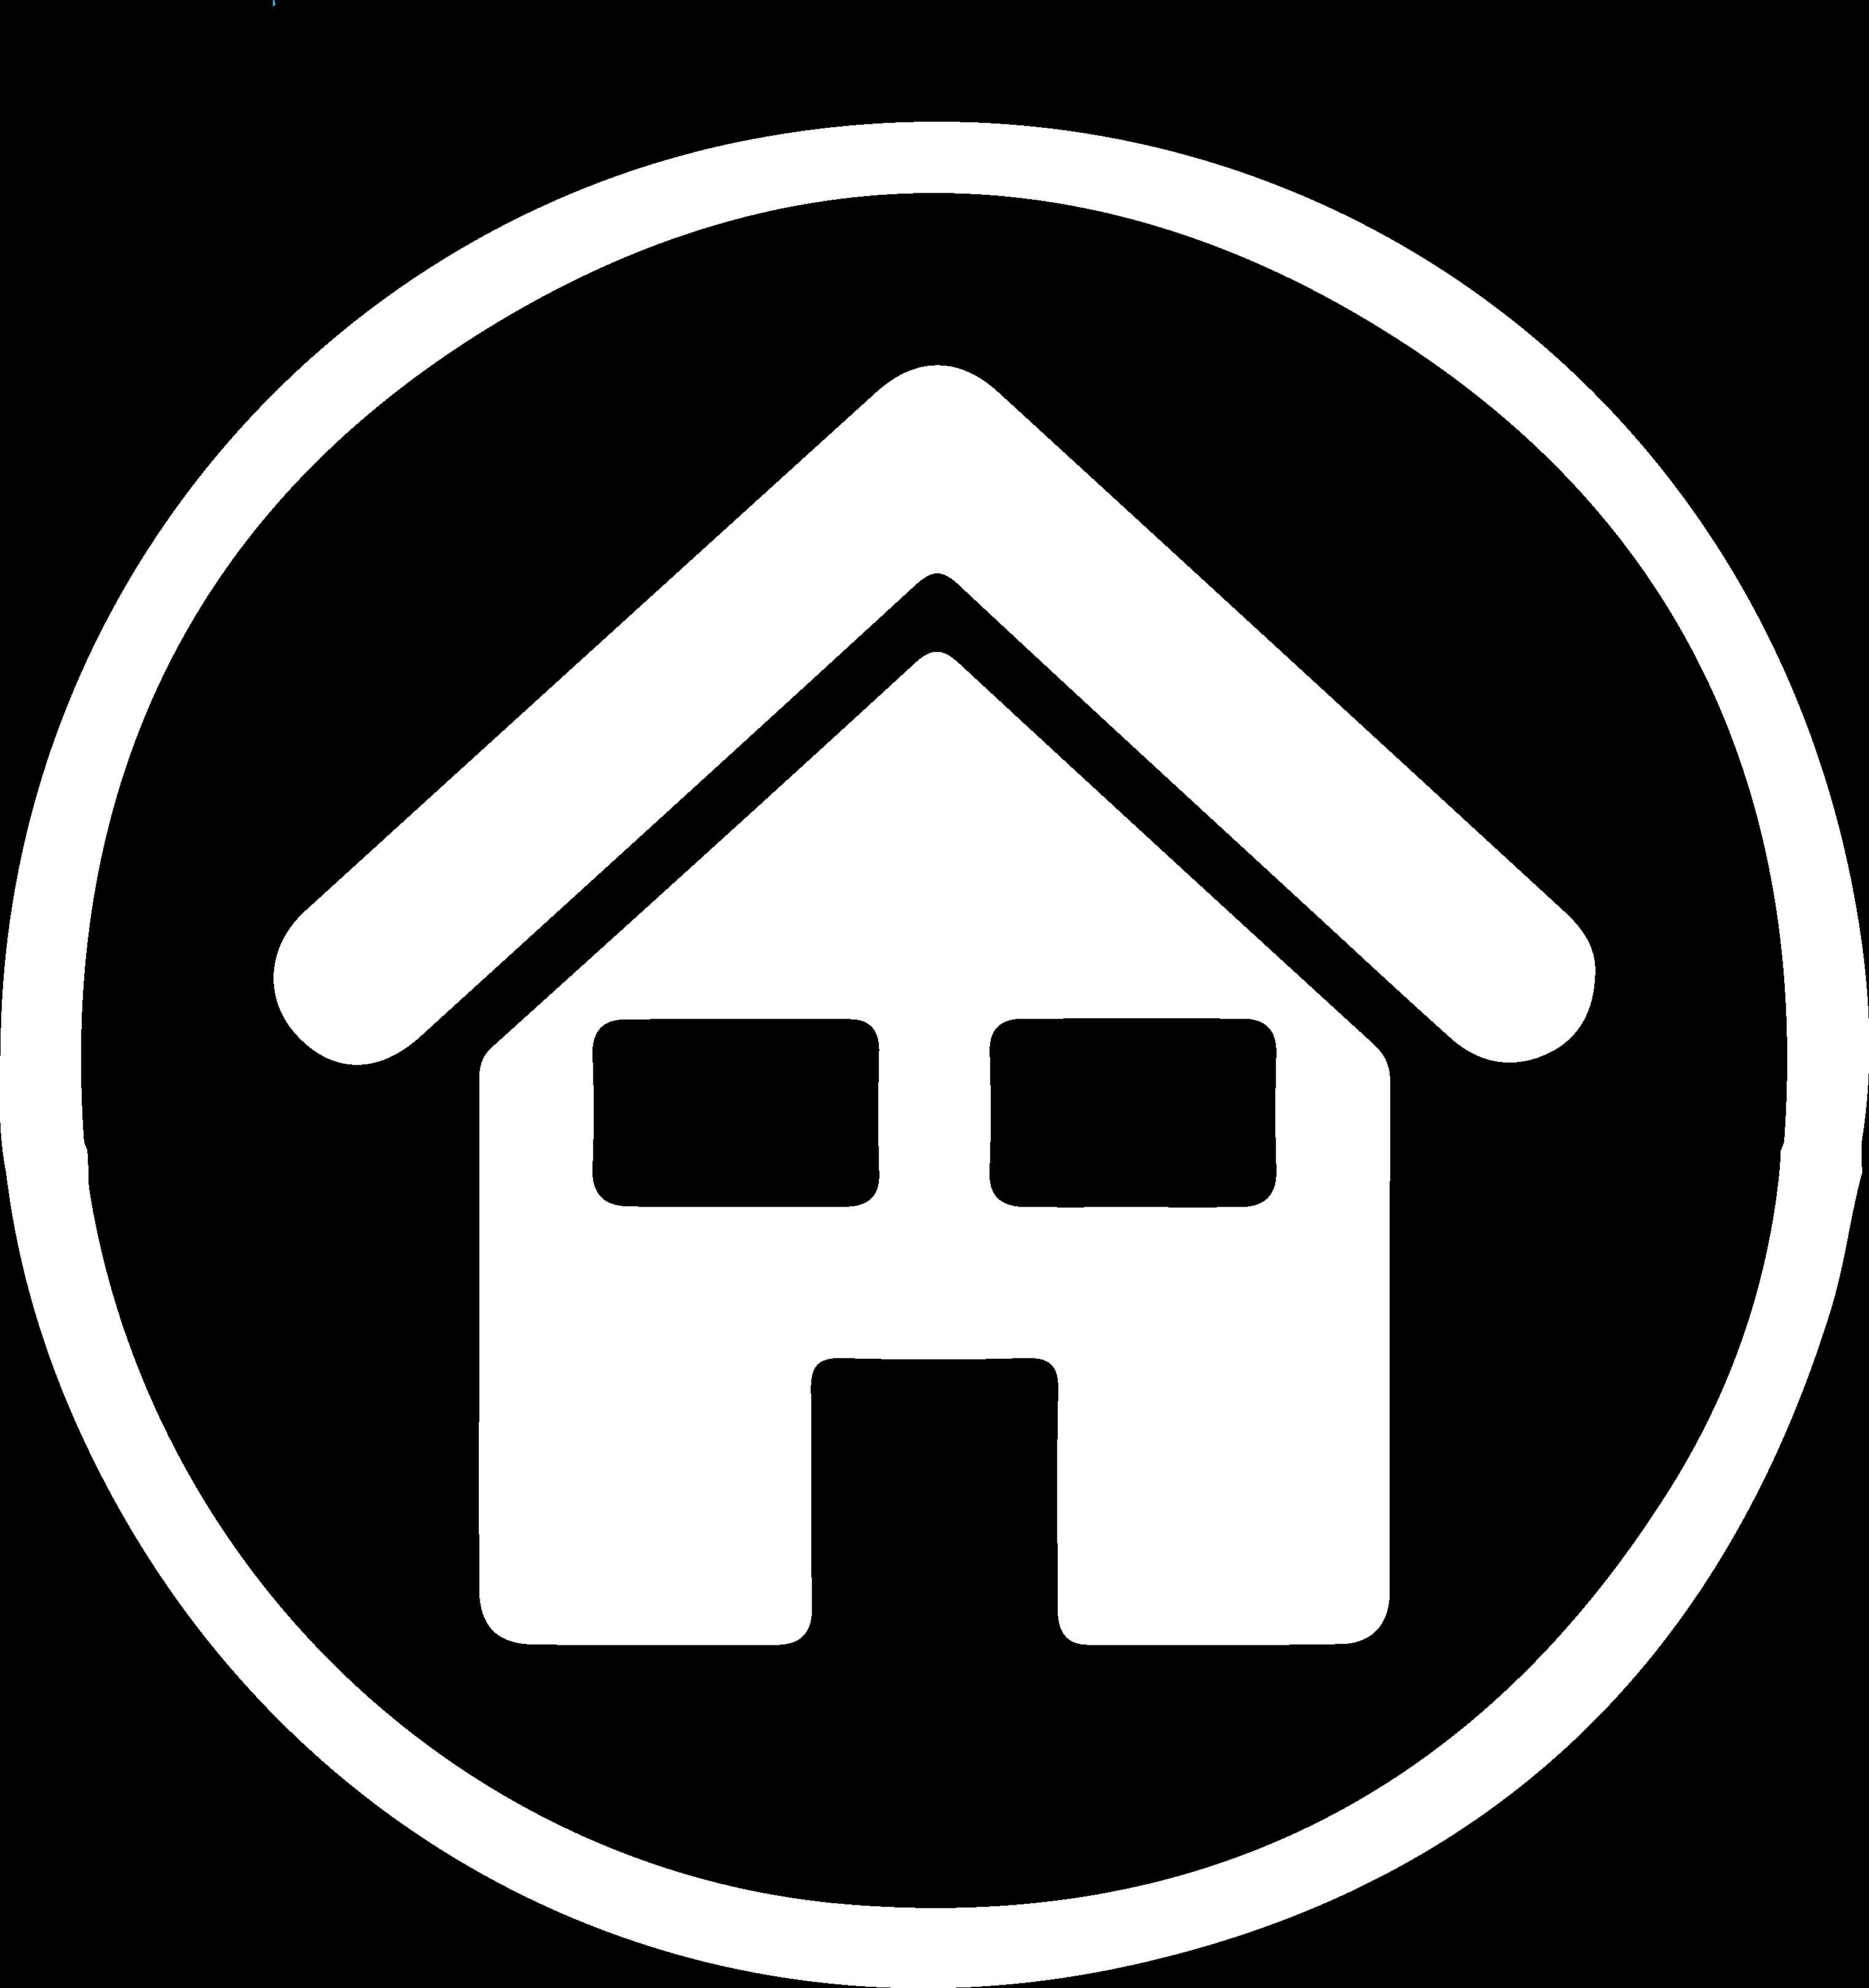 Icoon Huishoudproducten - wit silhouette van een huisje